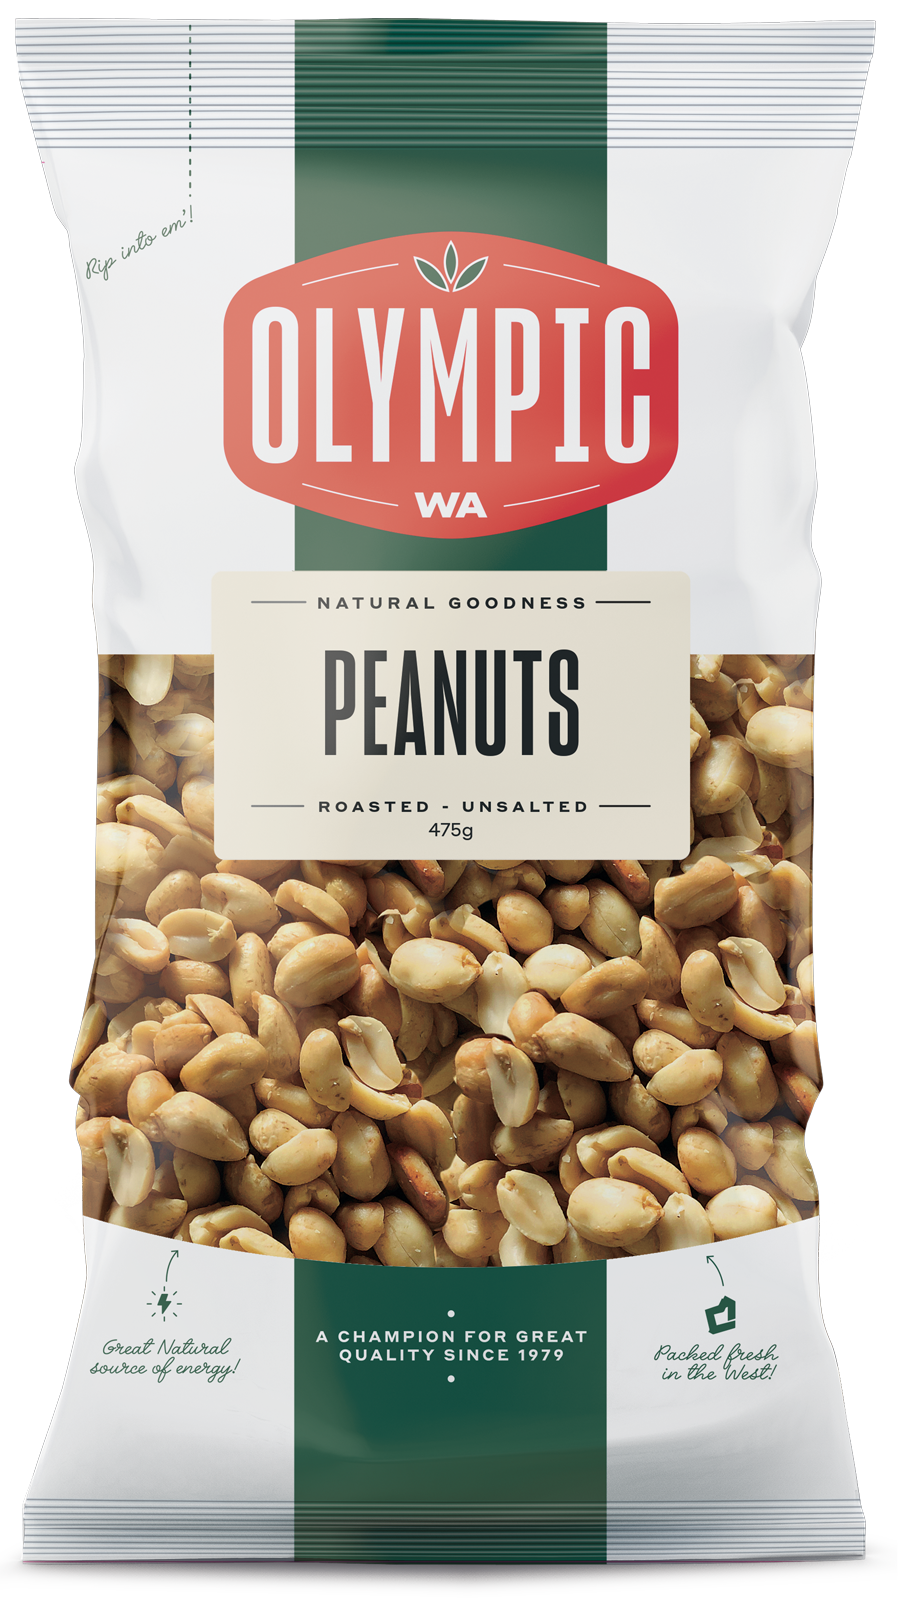 Peanuts, Roasted Unsalted